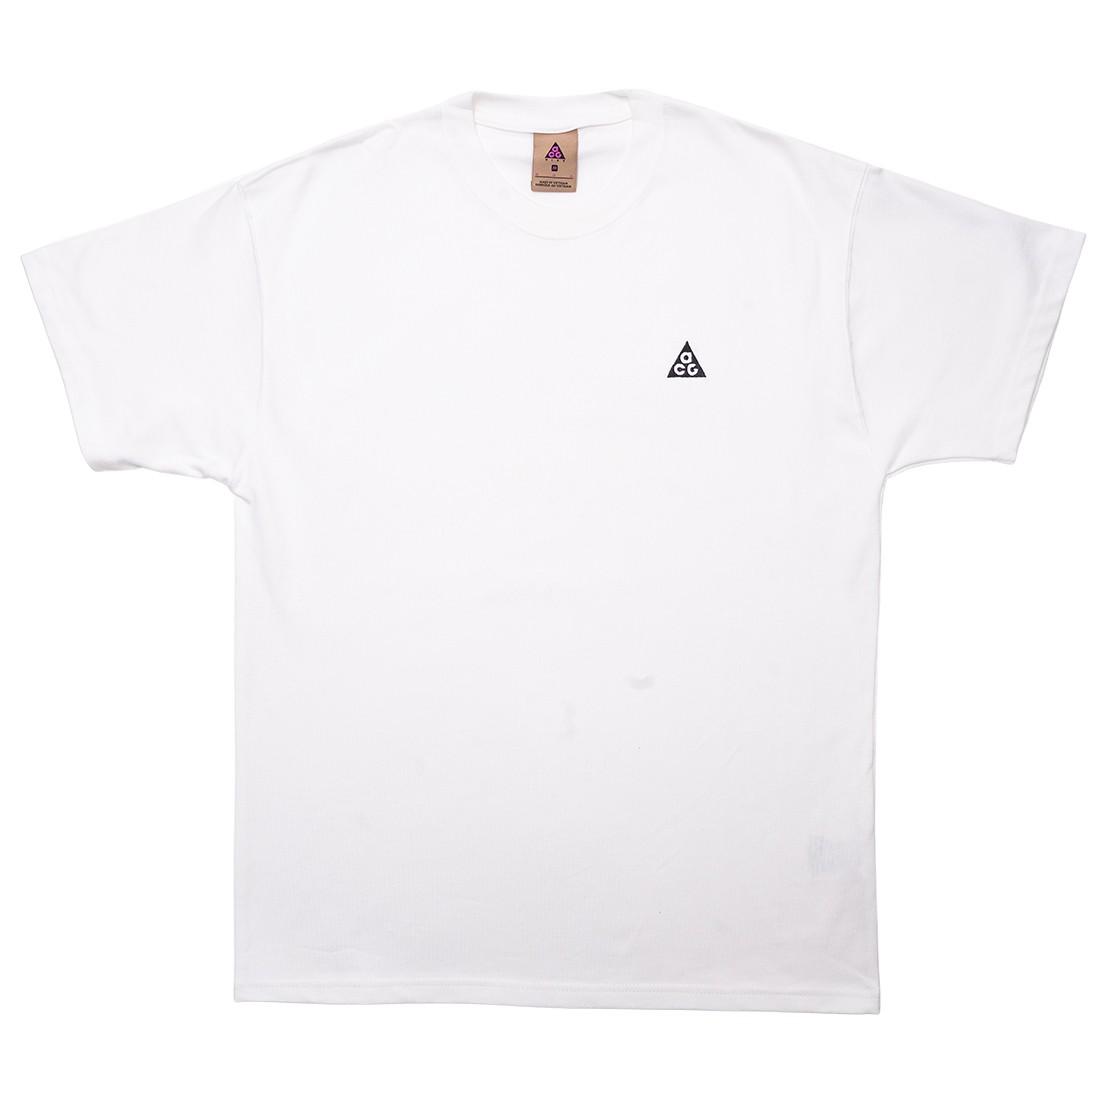 Nike Men Acg Tee (white / anthracite)